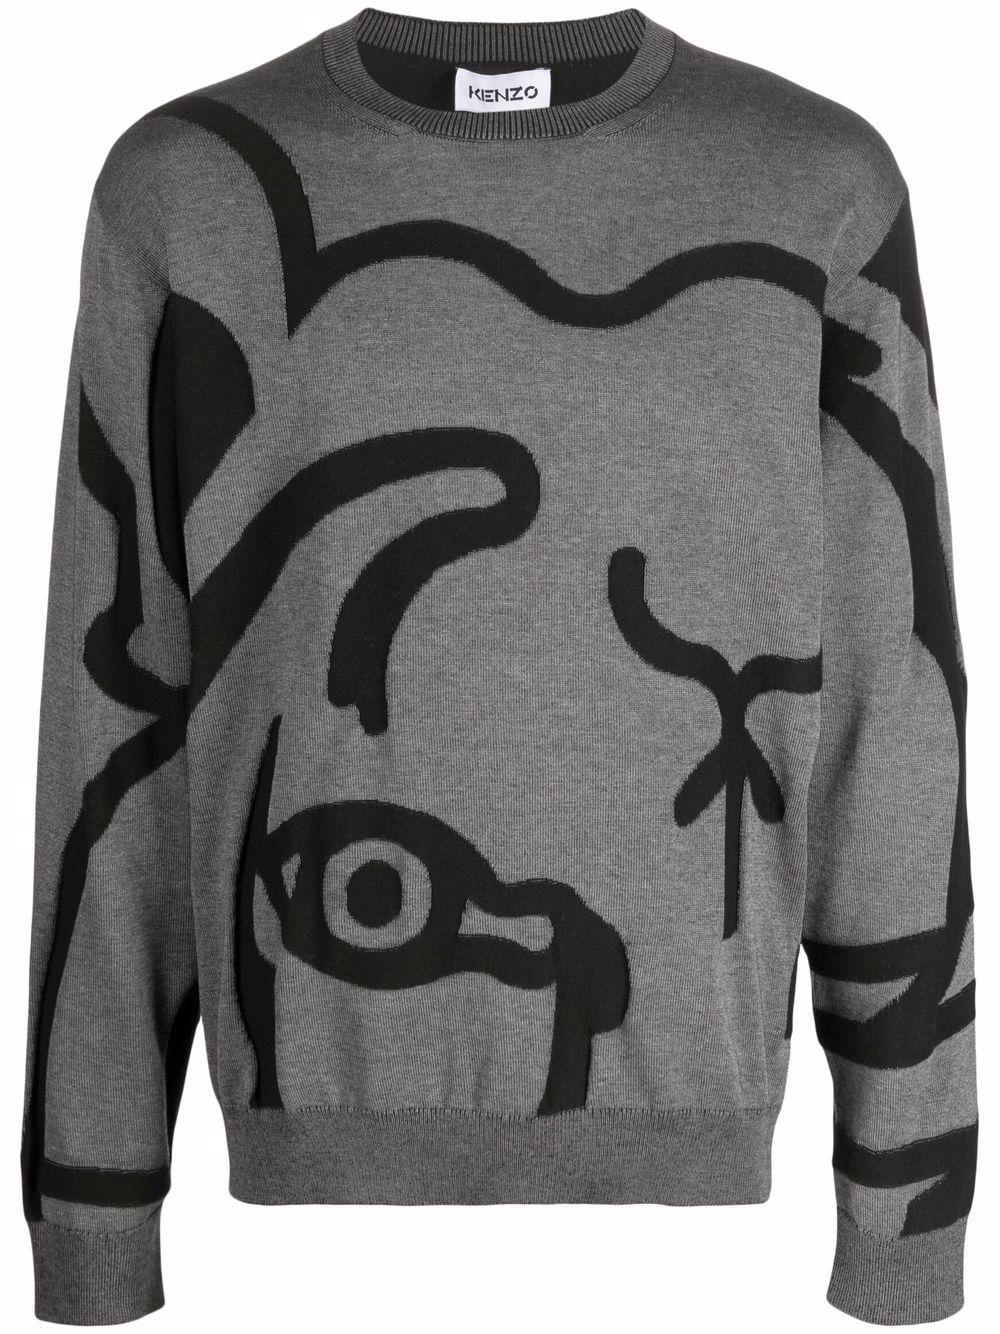 Kenzo abstract tiger print sweatshirt - Grau